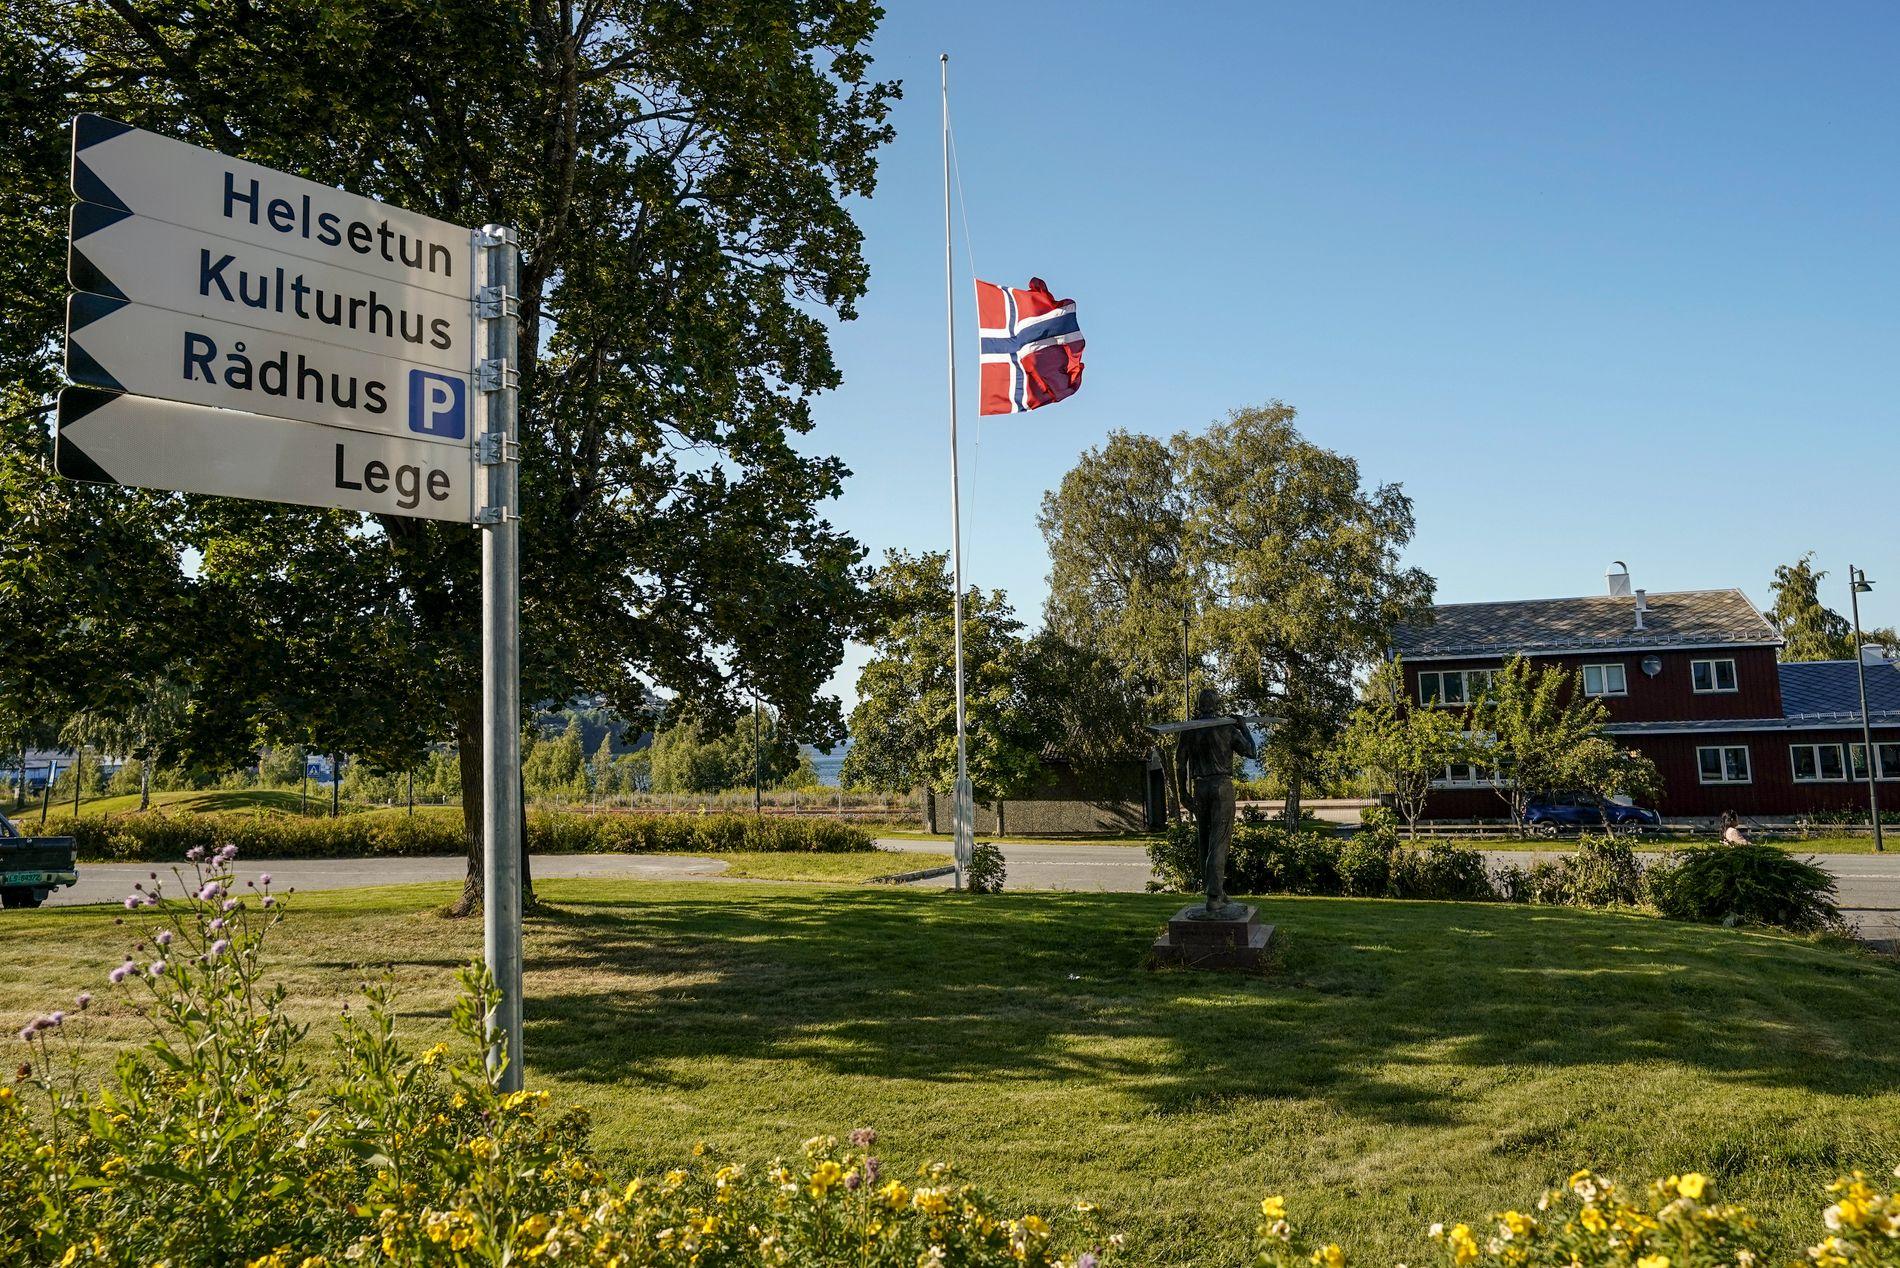 PÅ HALV STANG: På plenen utenfor rådhuset i Malvik er flagget heist på halv stang i sorg.